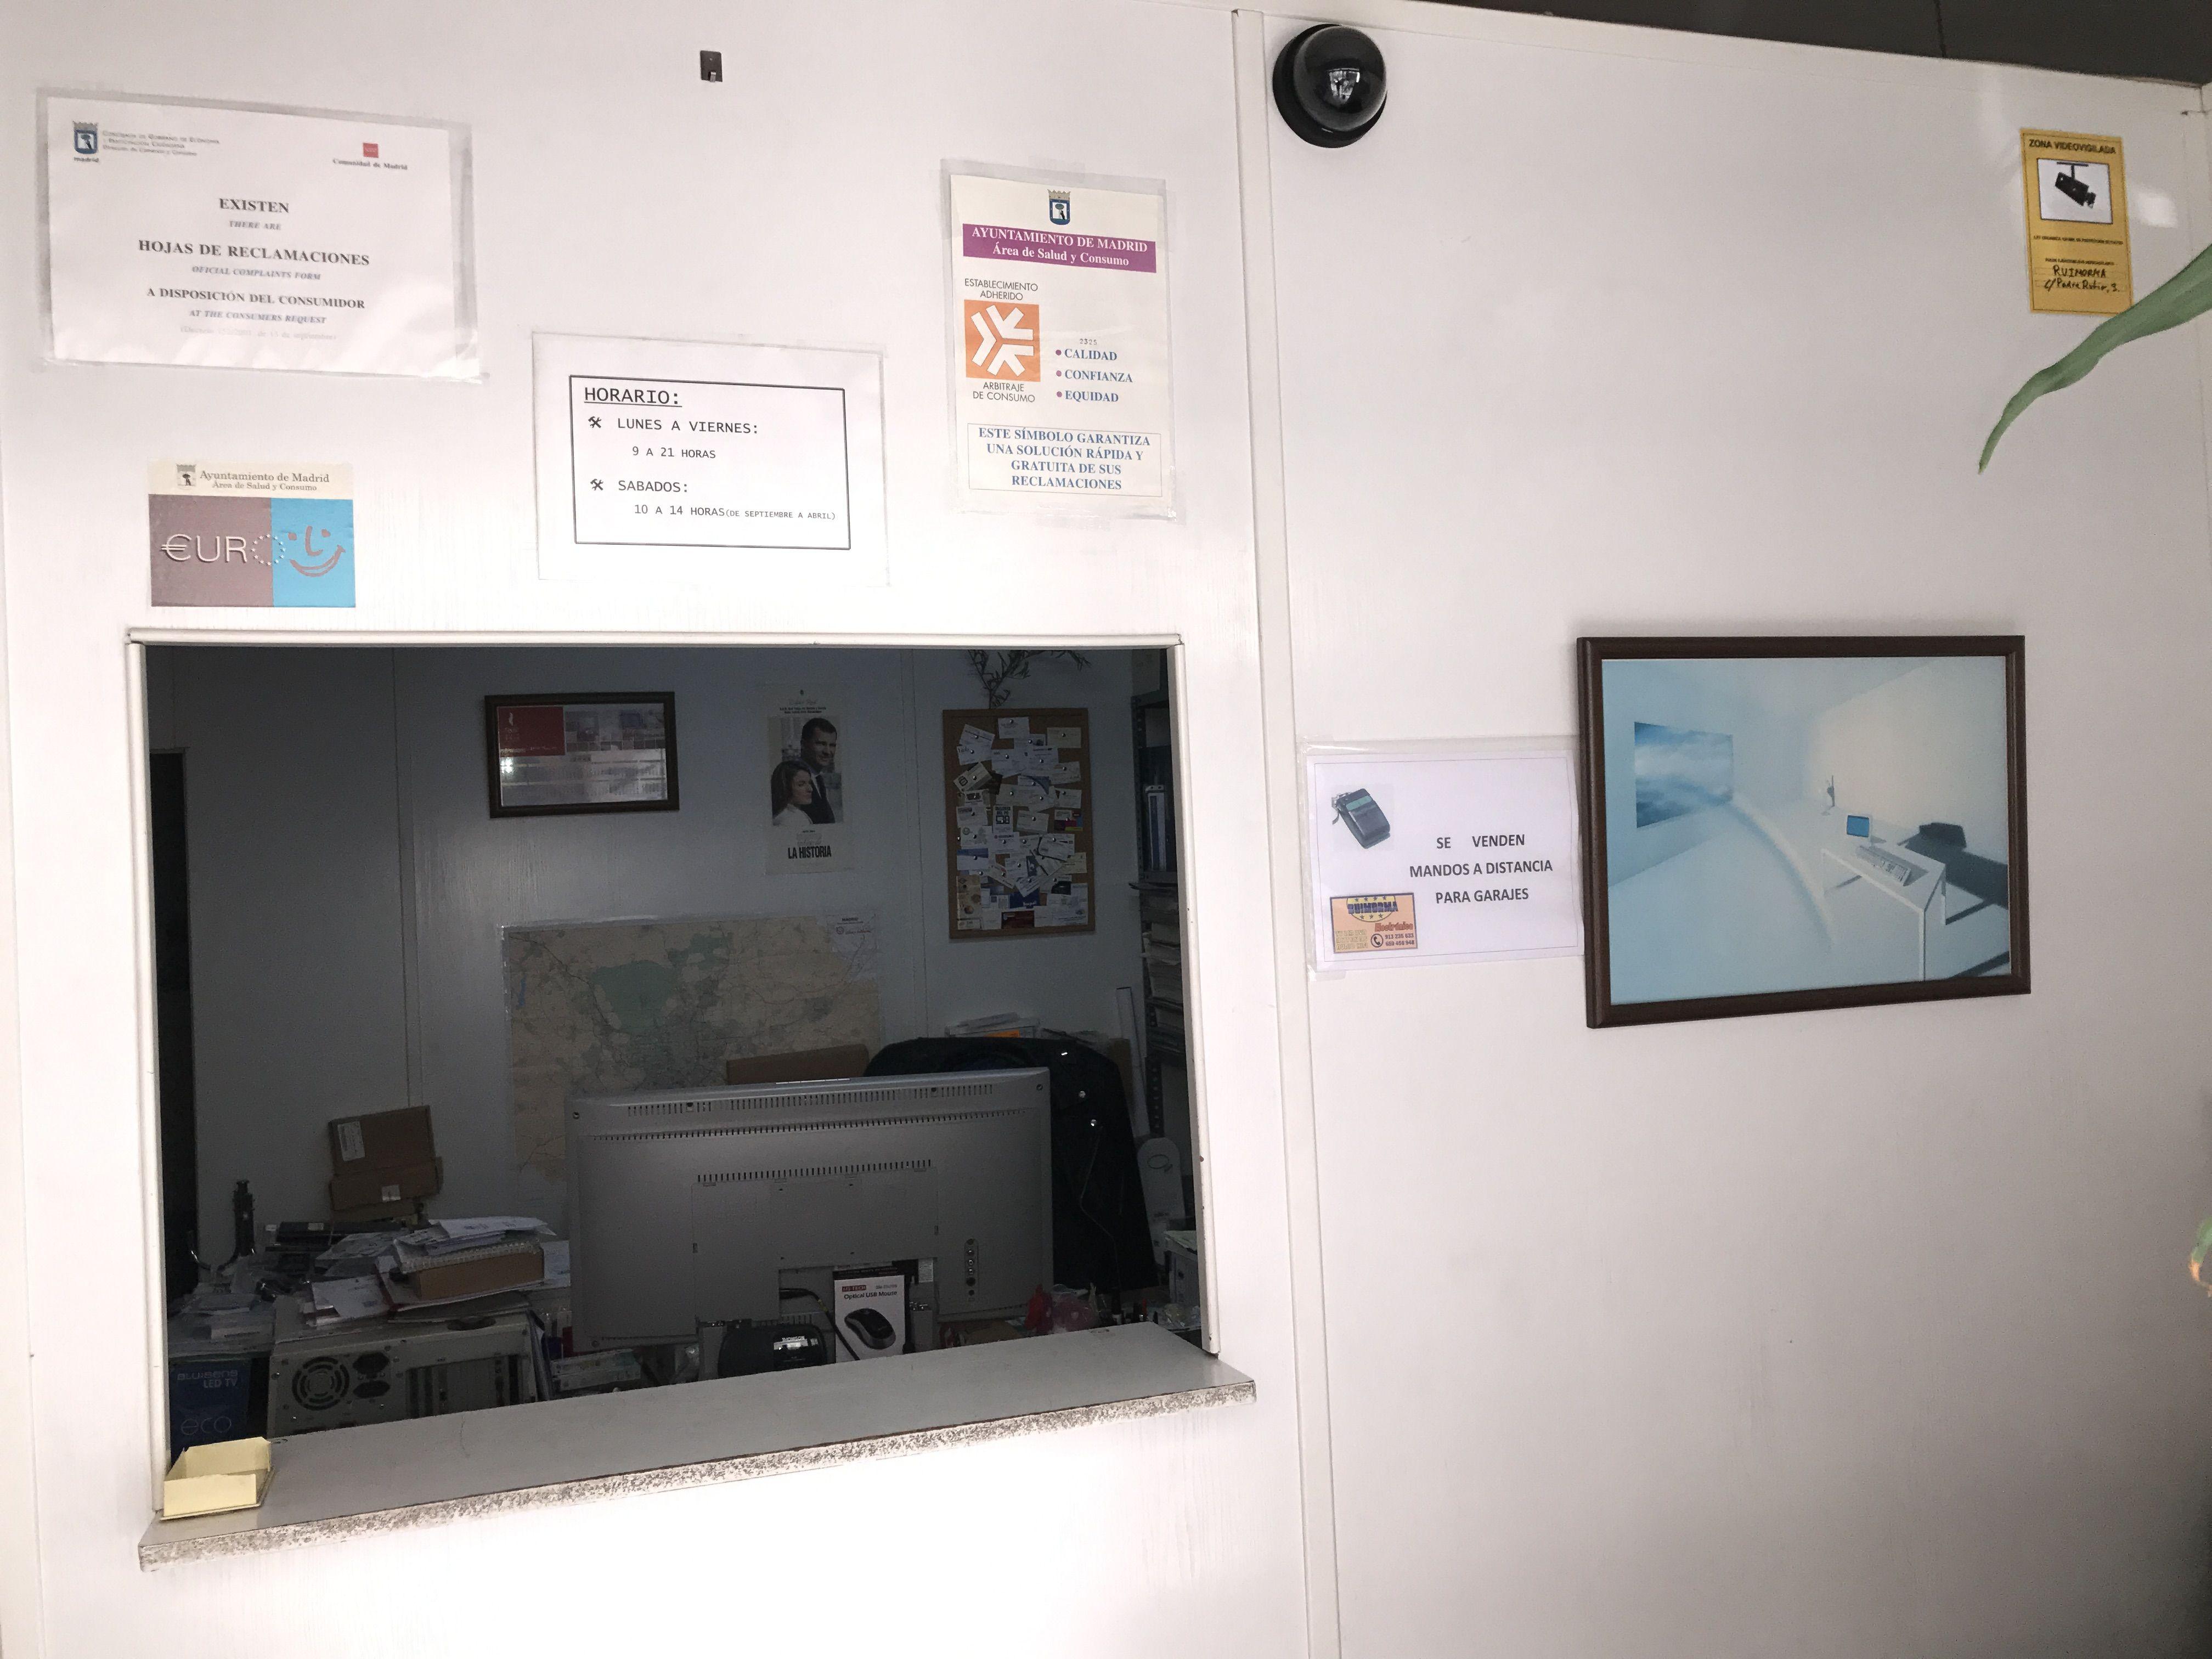 Servicio técnico especializado en Madrid